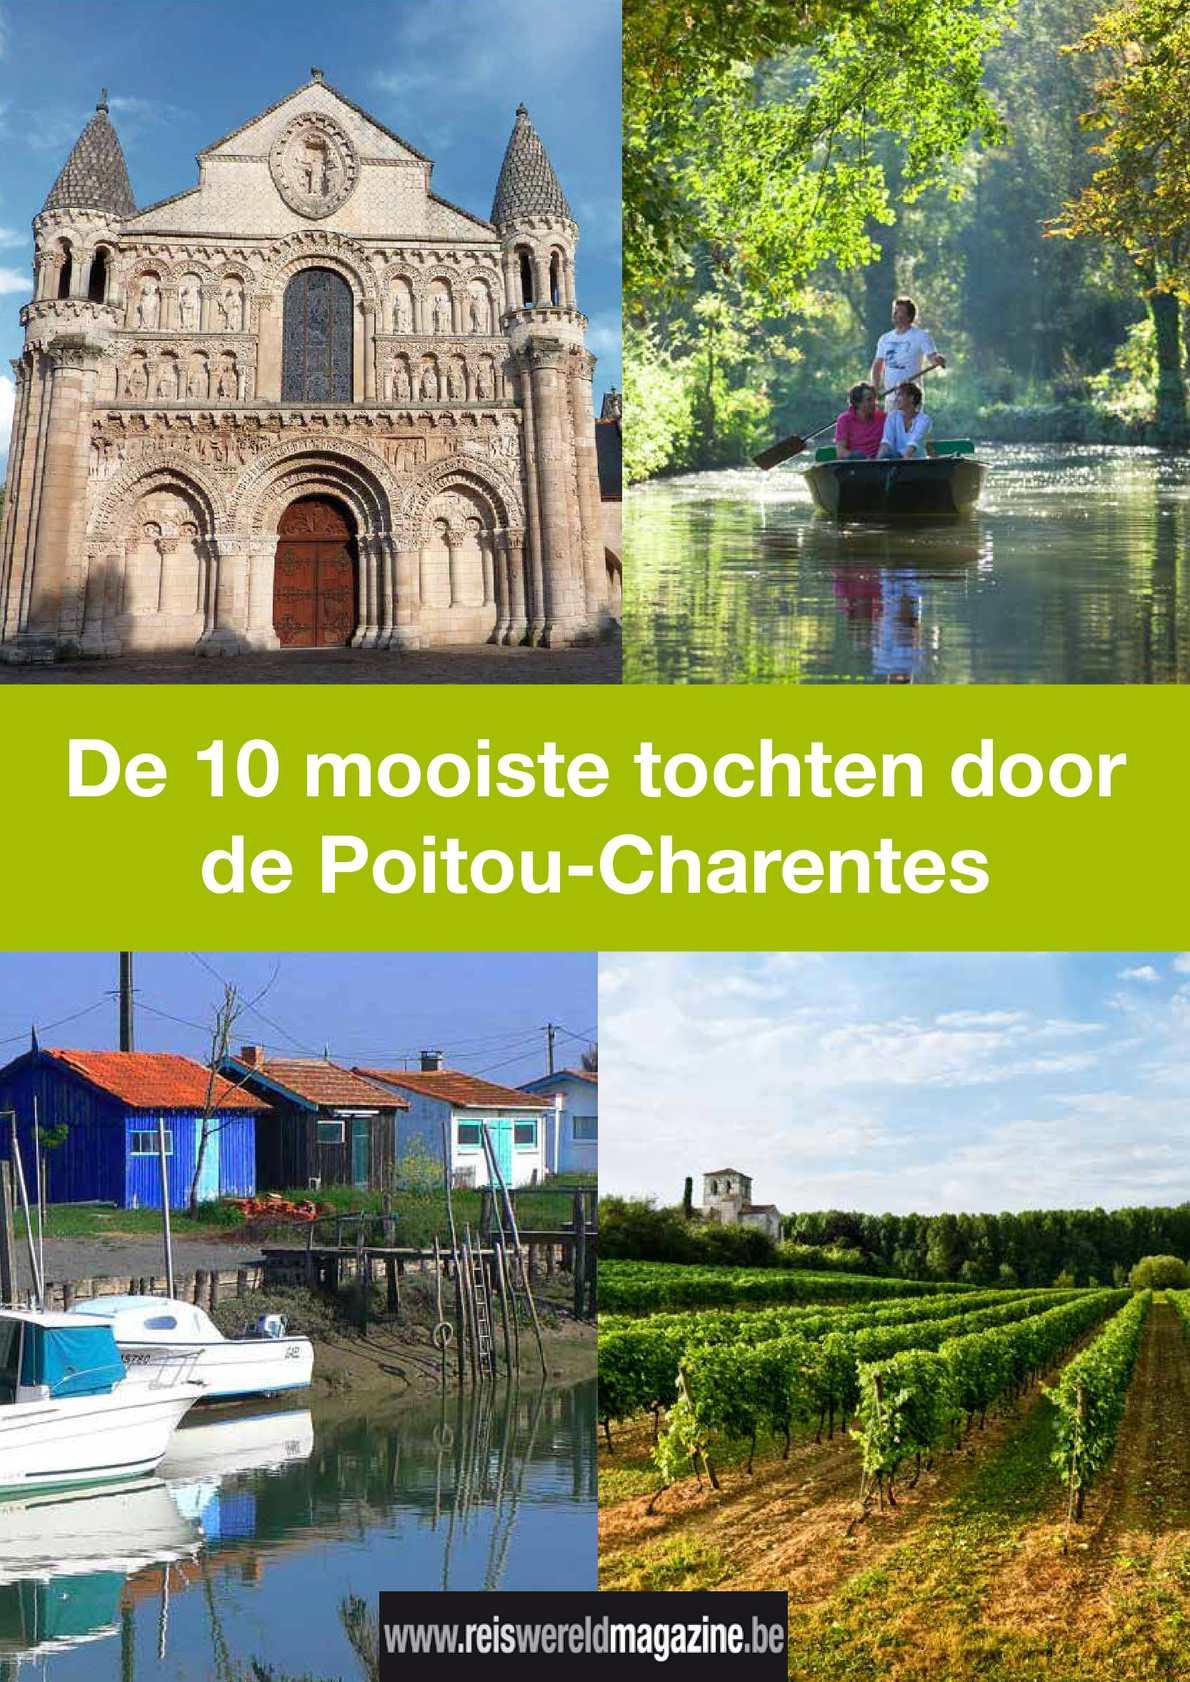 De 10 mooiste tochten door de Poitou-Charentes: reportage van Reiswereld Magazine.be